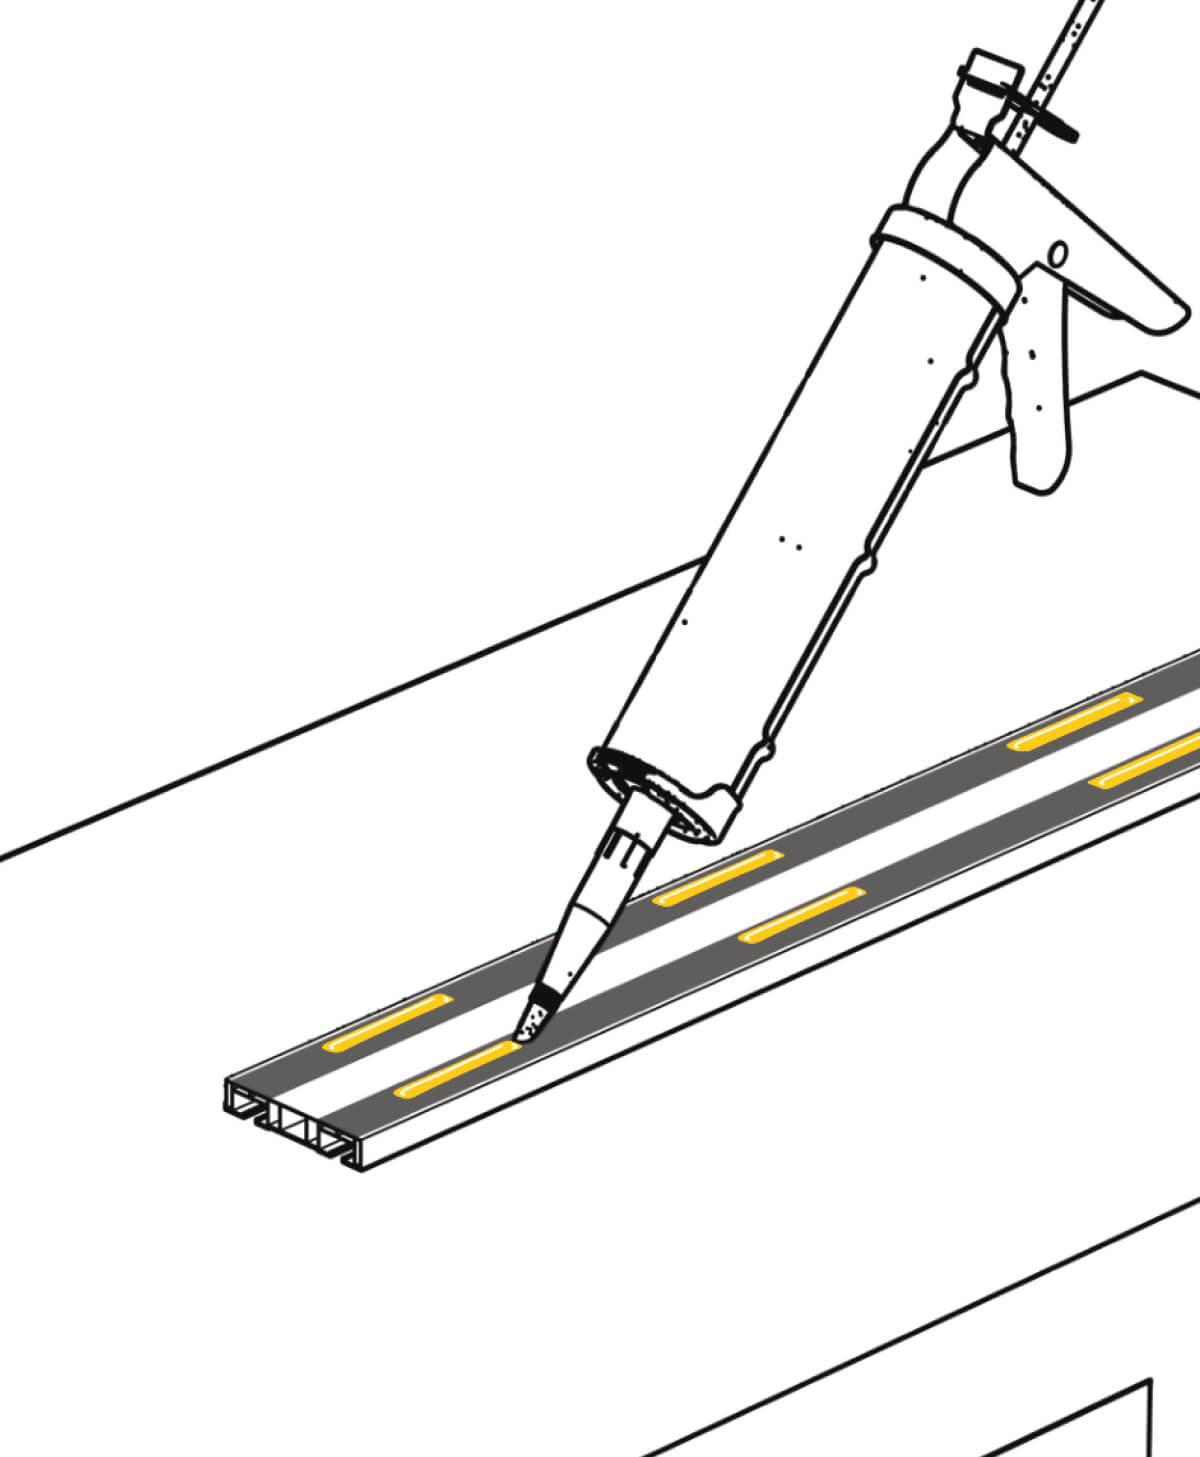 Slimflex korniş yapıştırıcısı 1